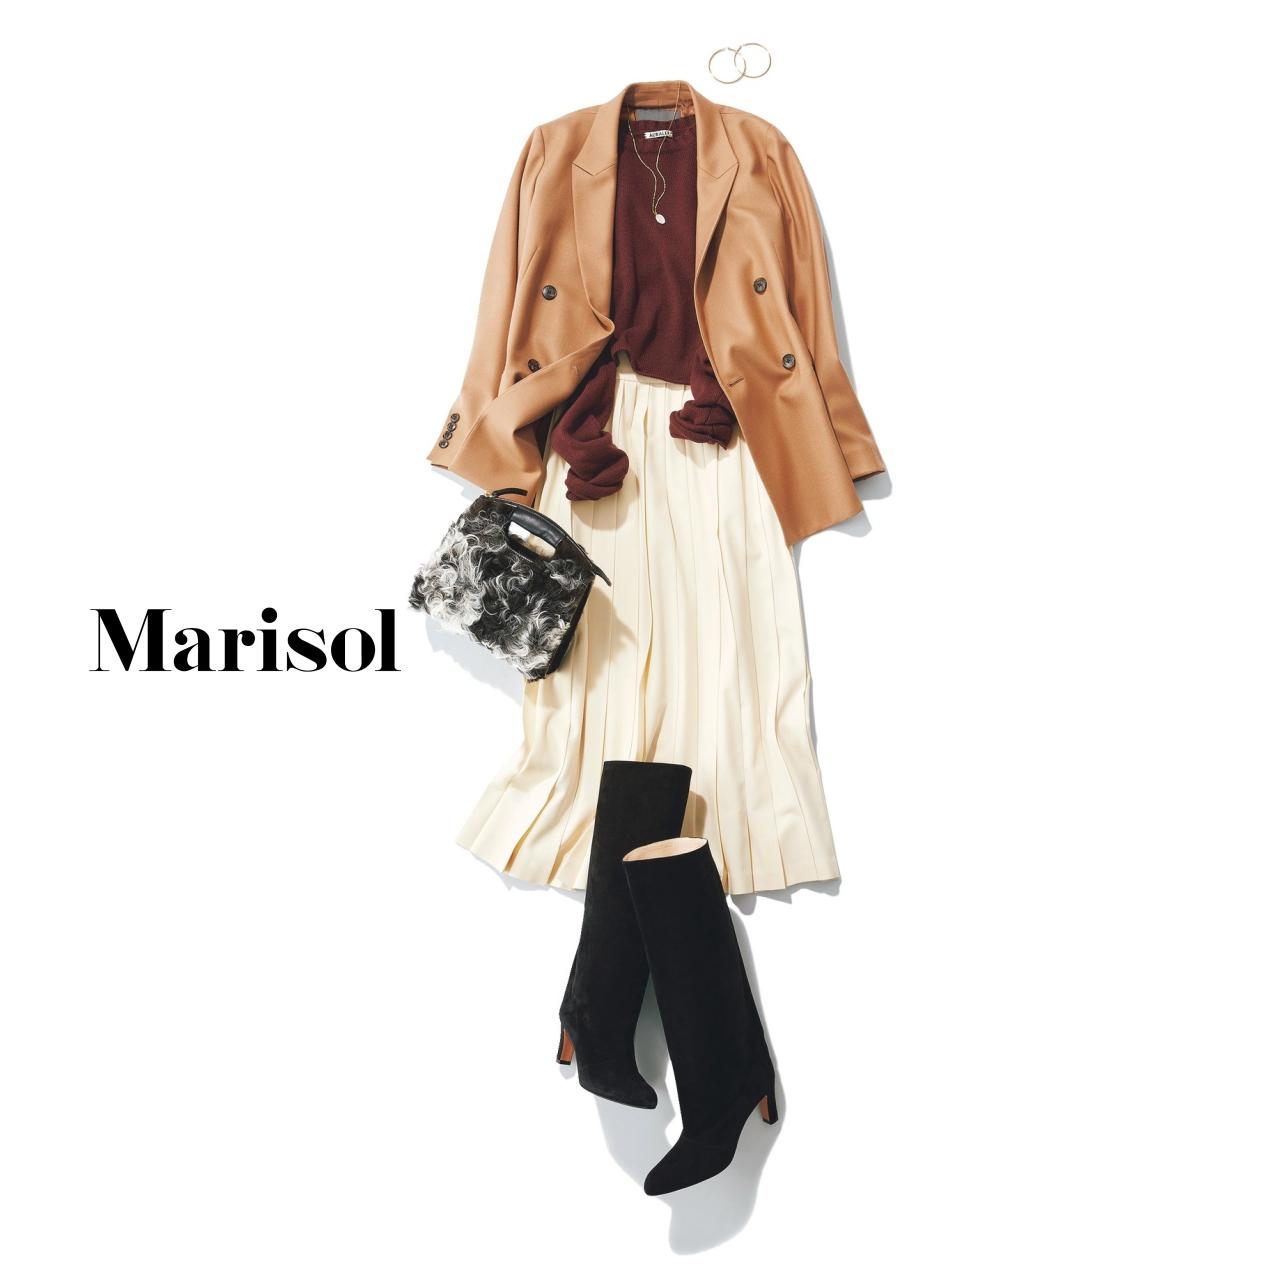 40代ファッション ニット×ジャケット×スカート×ロングブーツコーデ